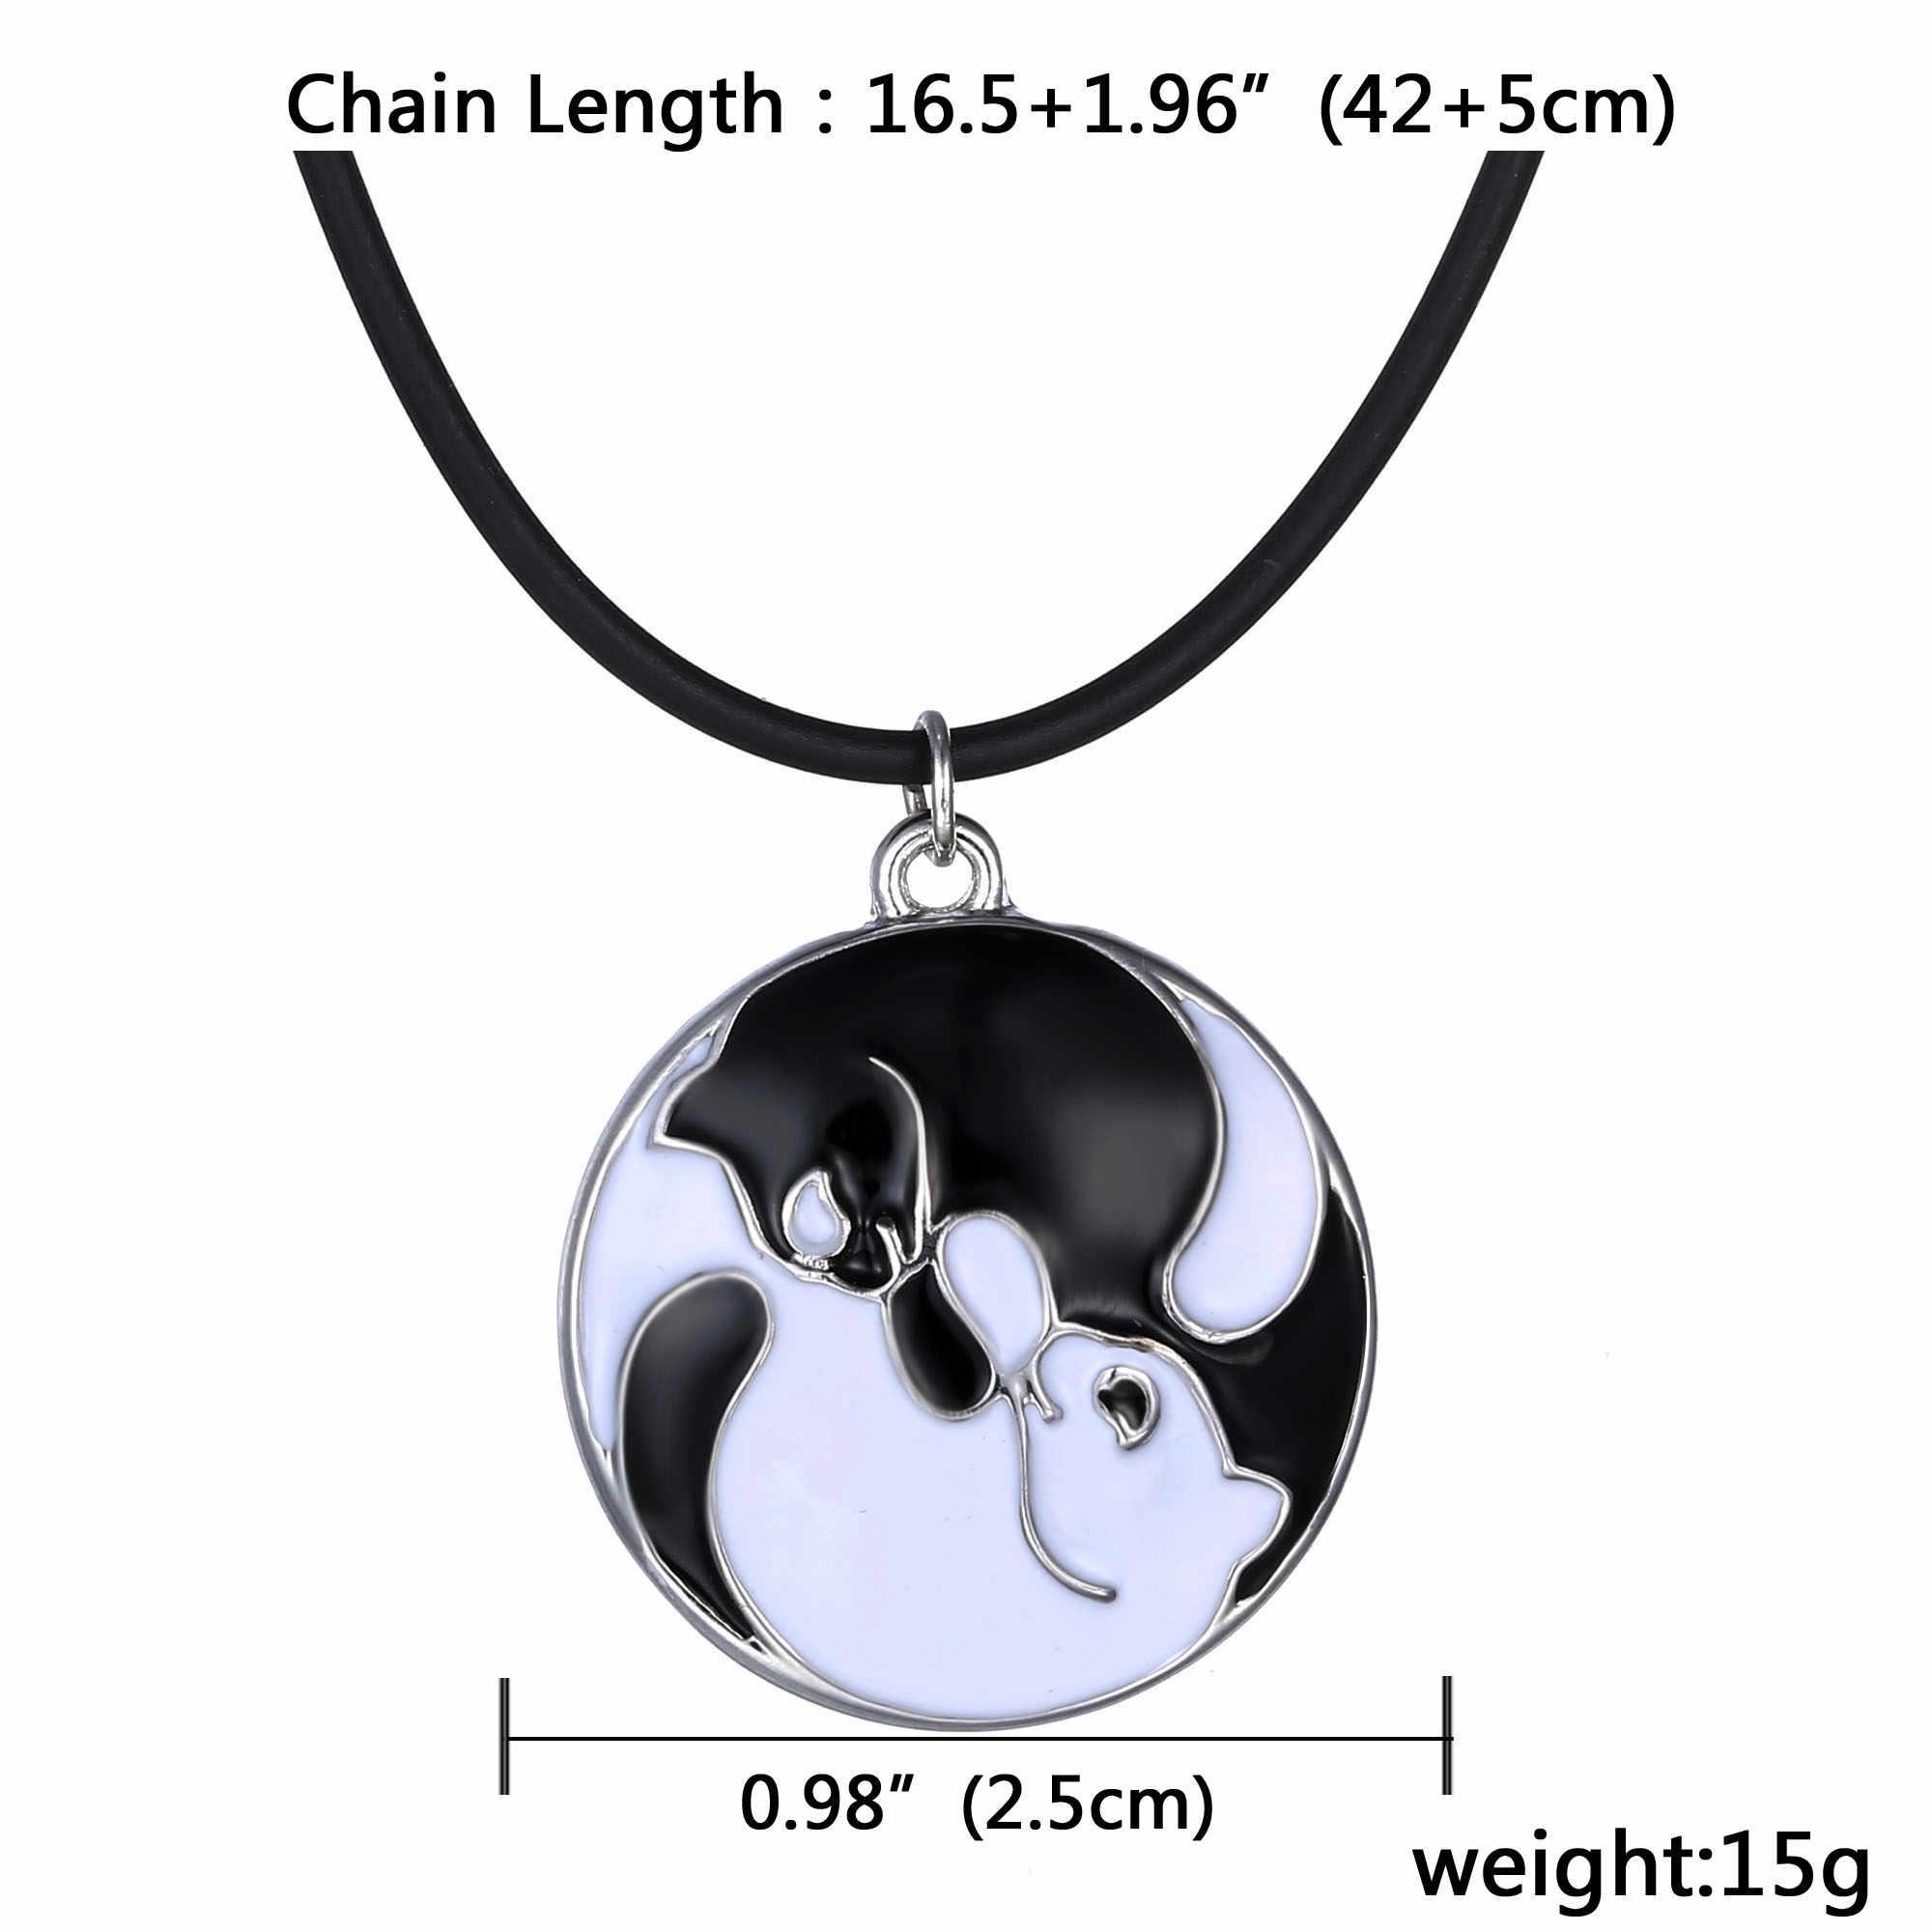 Rinhoo pary biżuteria zwierząt naszyjniki złoty kolor srebrny naszyjnik dla par tytanu stali kot naszyjnik chłopiec i dziewczyna przyjaciel prezenty